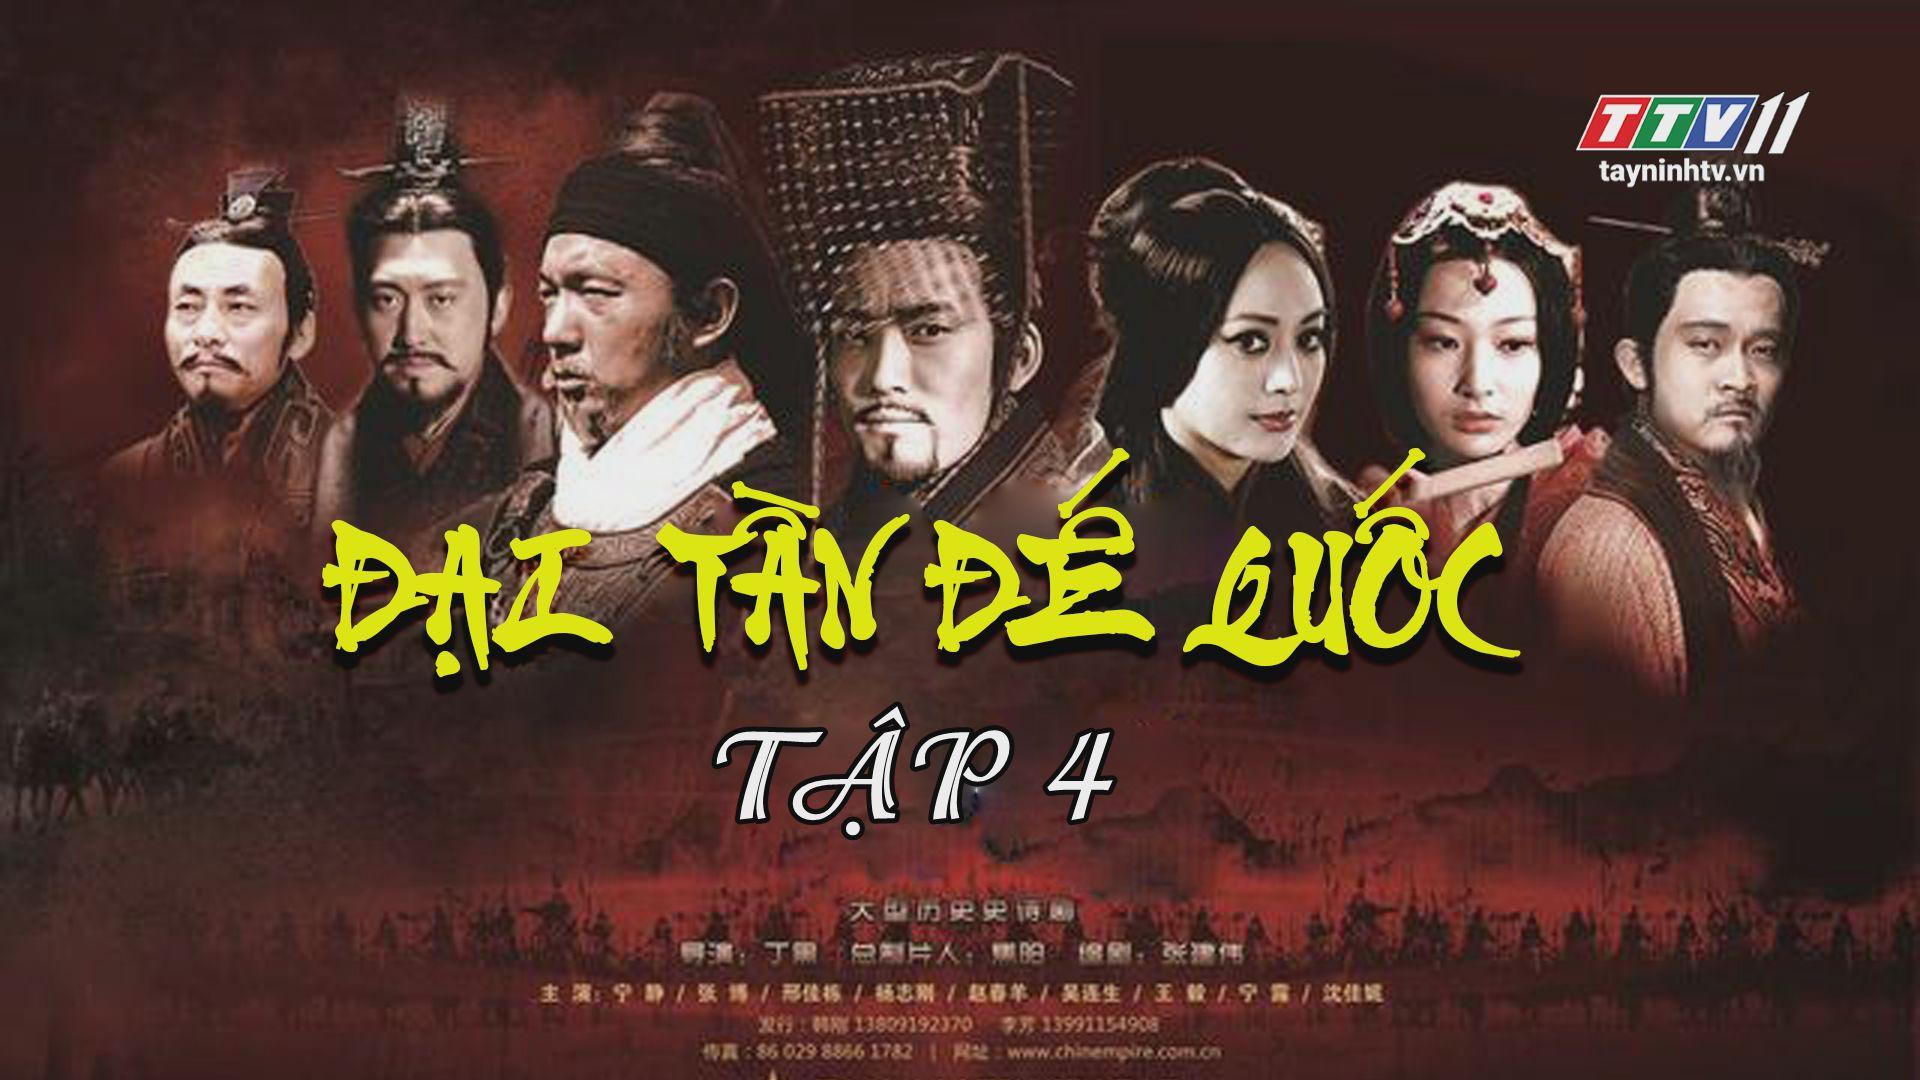 Tập 4 | ĐẠI TẦN ĐẾ QUỐC - Phần 3 | TayNinhTV